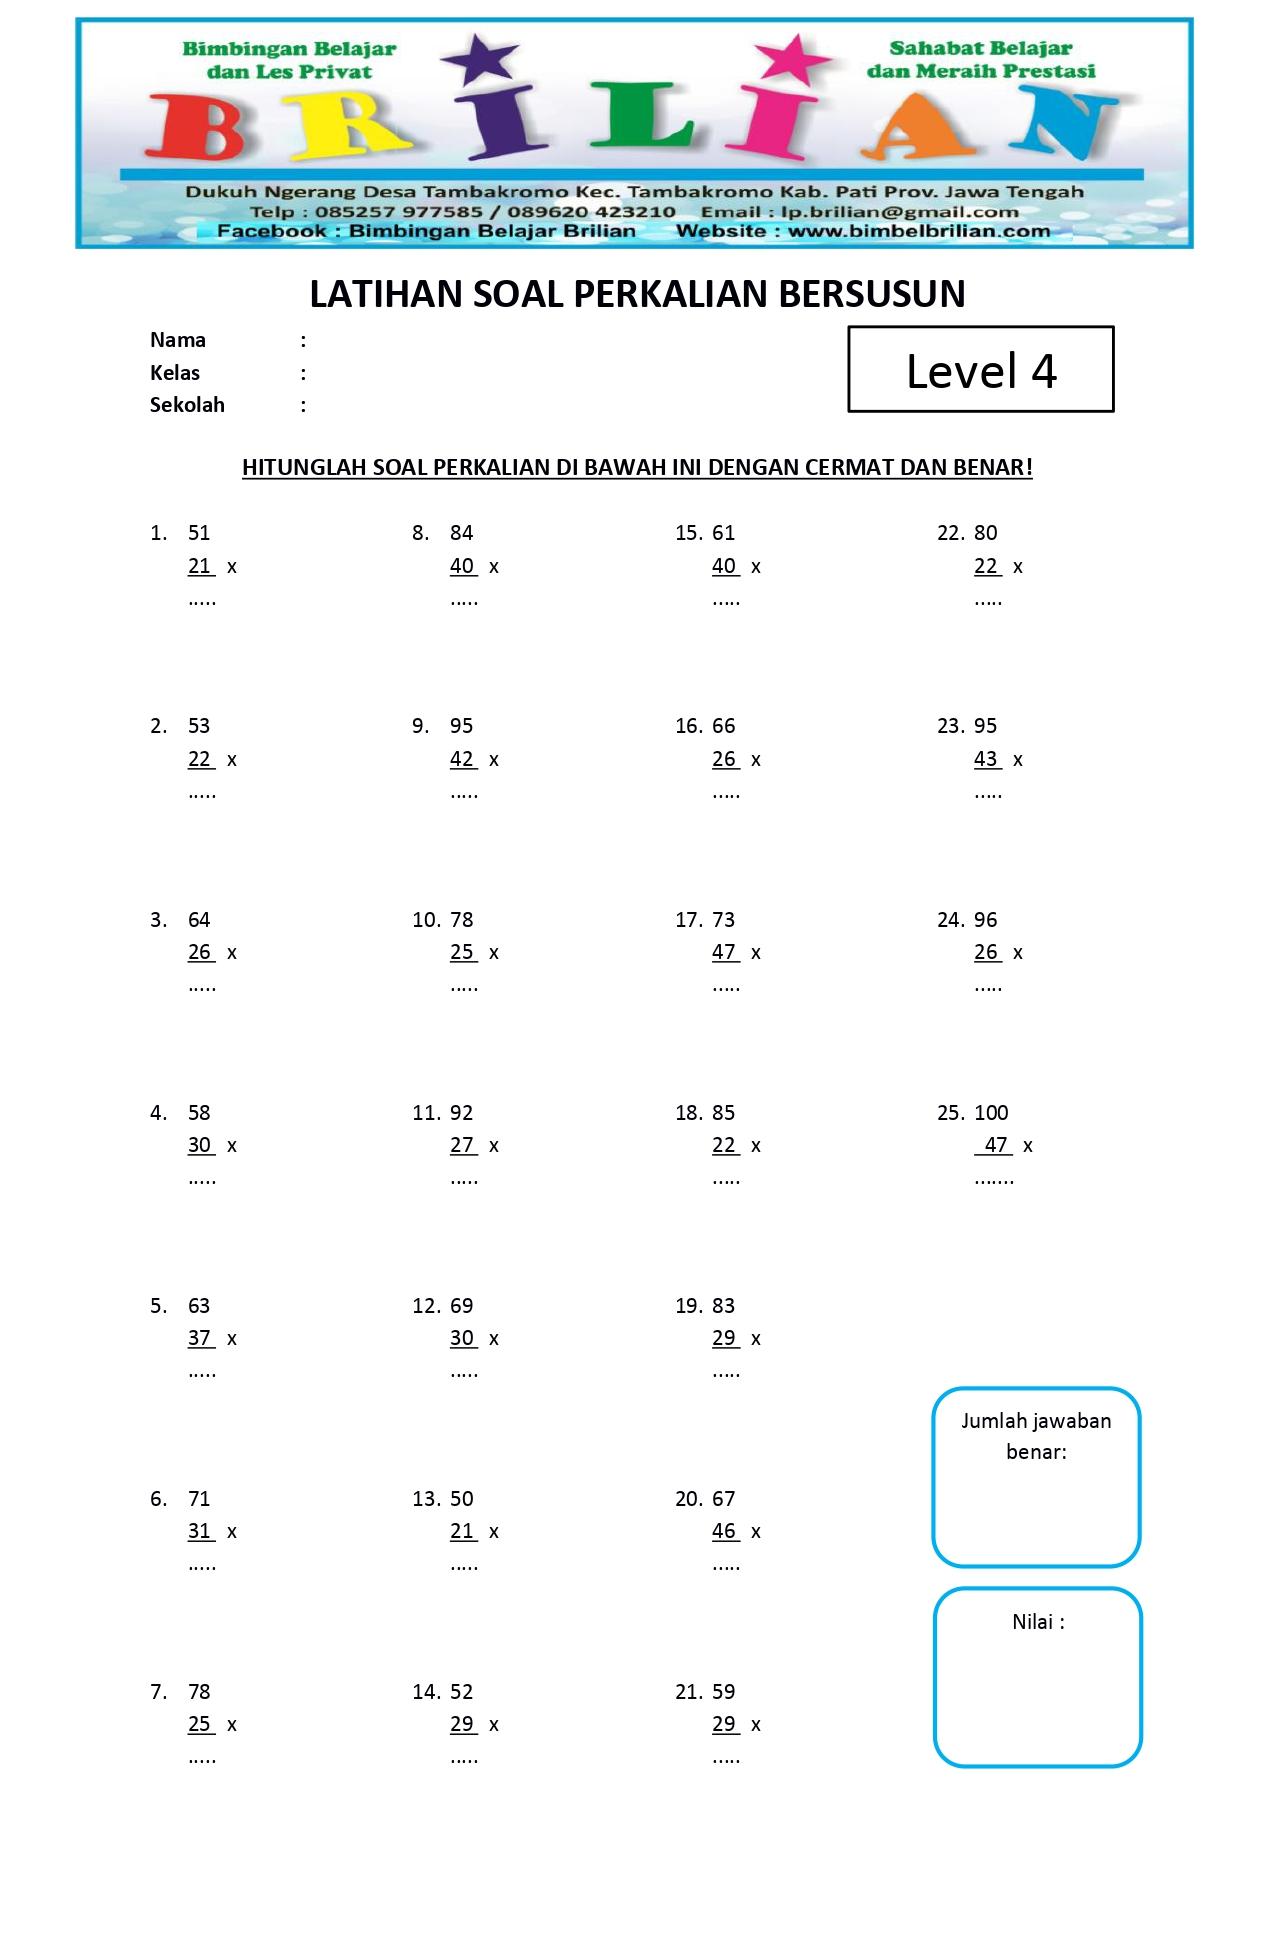 Soal Perkalian Bersusun Level 4 - www.bimbelbrilian.com _page-0001